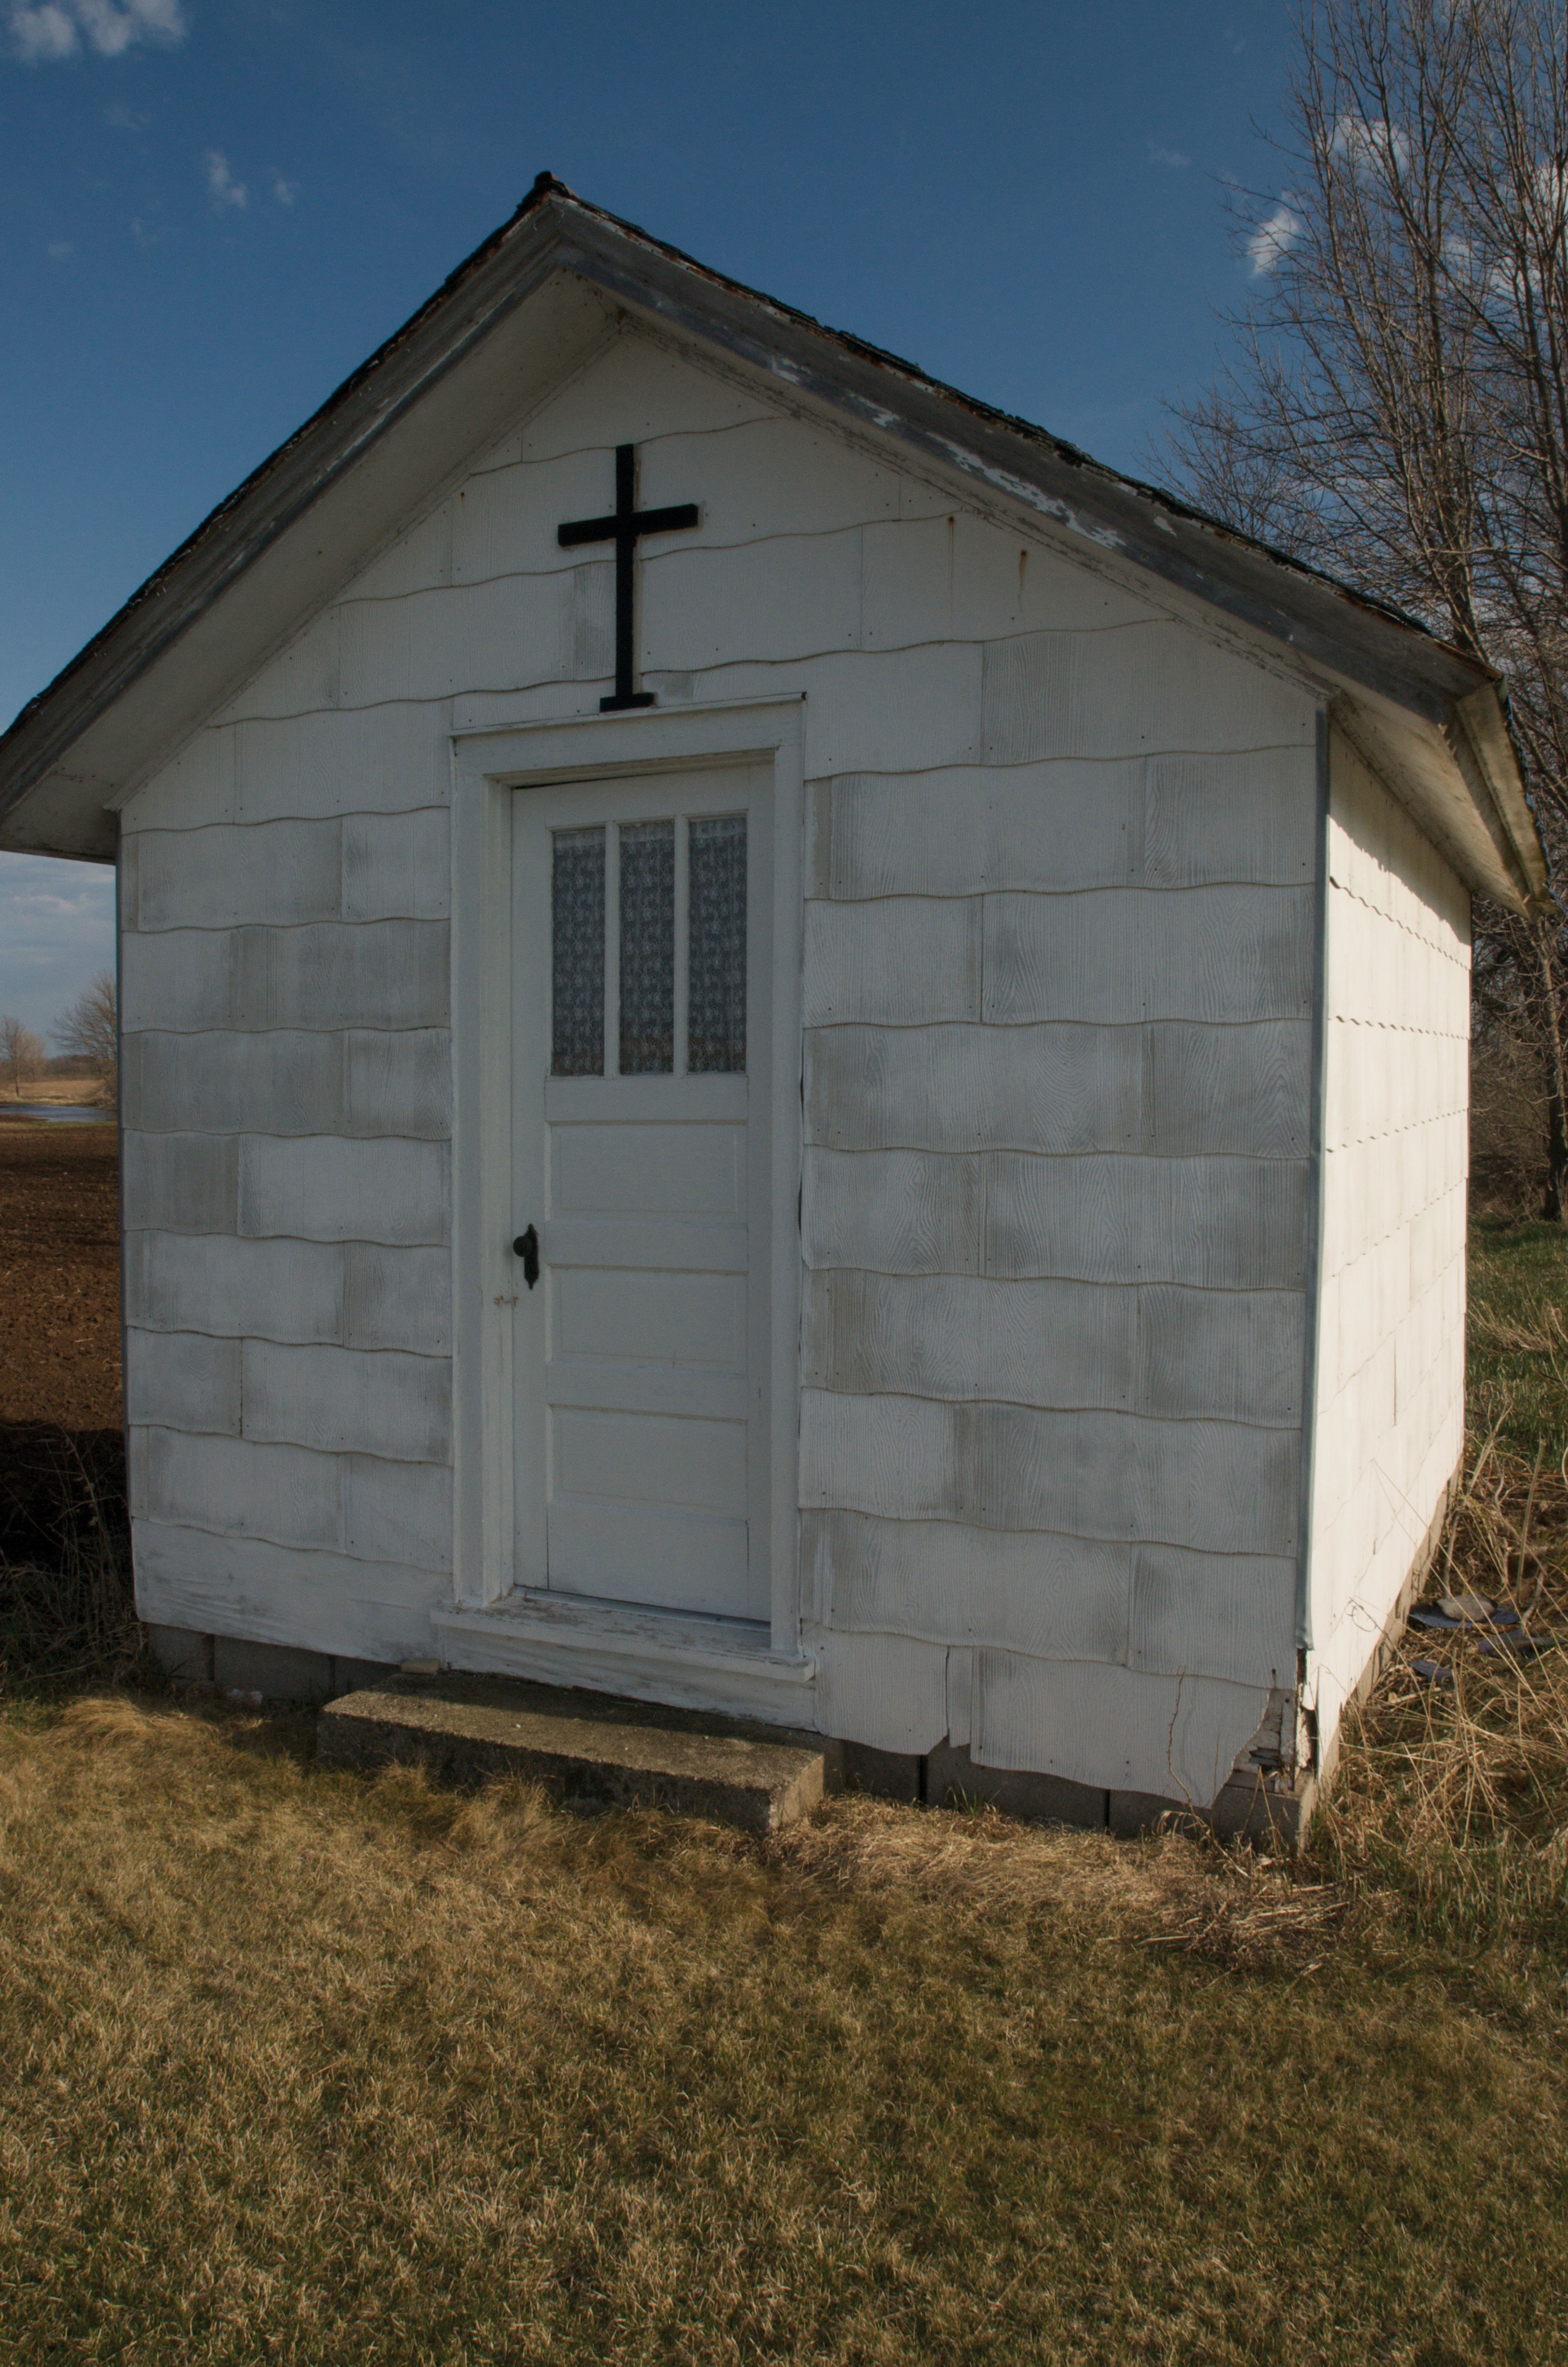 Lady Of The Wayside >> Southern Door County's Belgian Wayside Chapels - Door ...